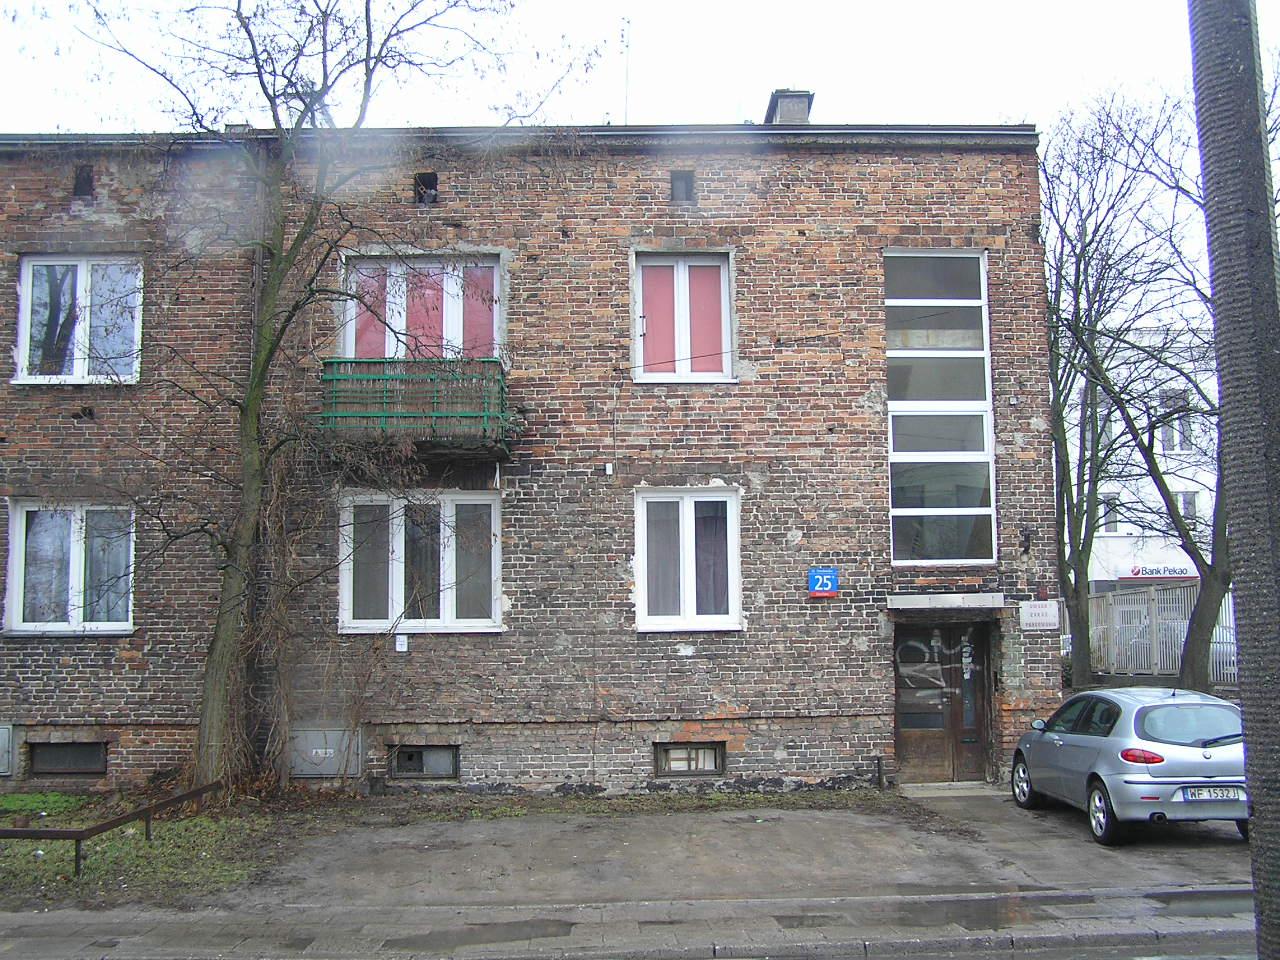 Kamienica przy ulicy Omulewskiej 25 na Grochowie